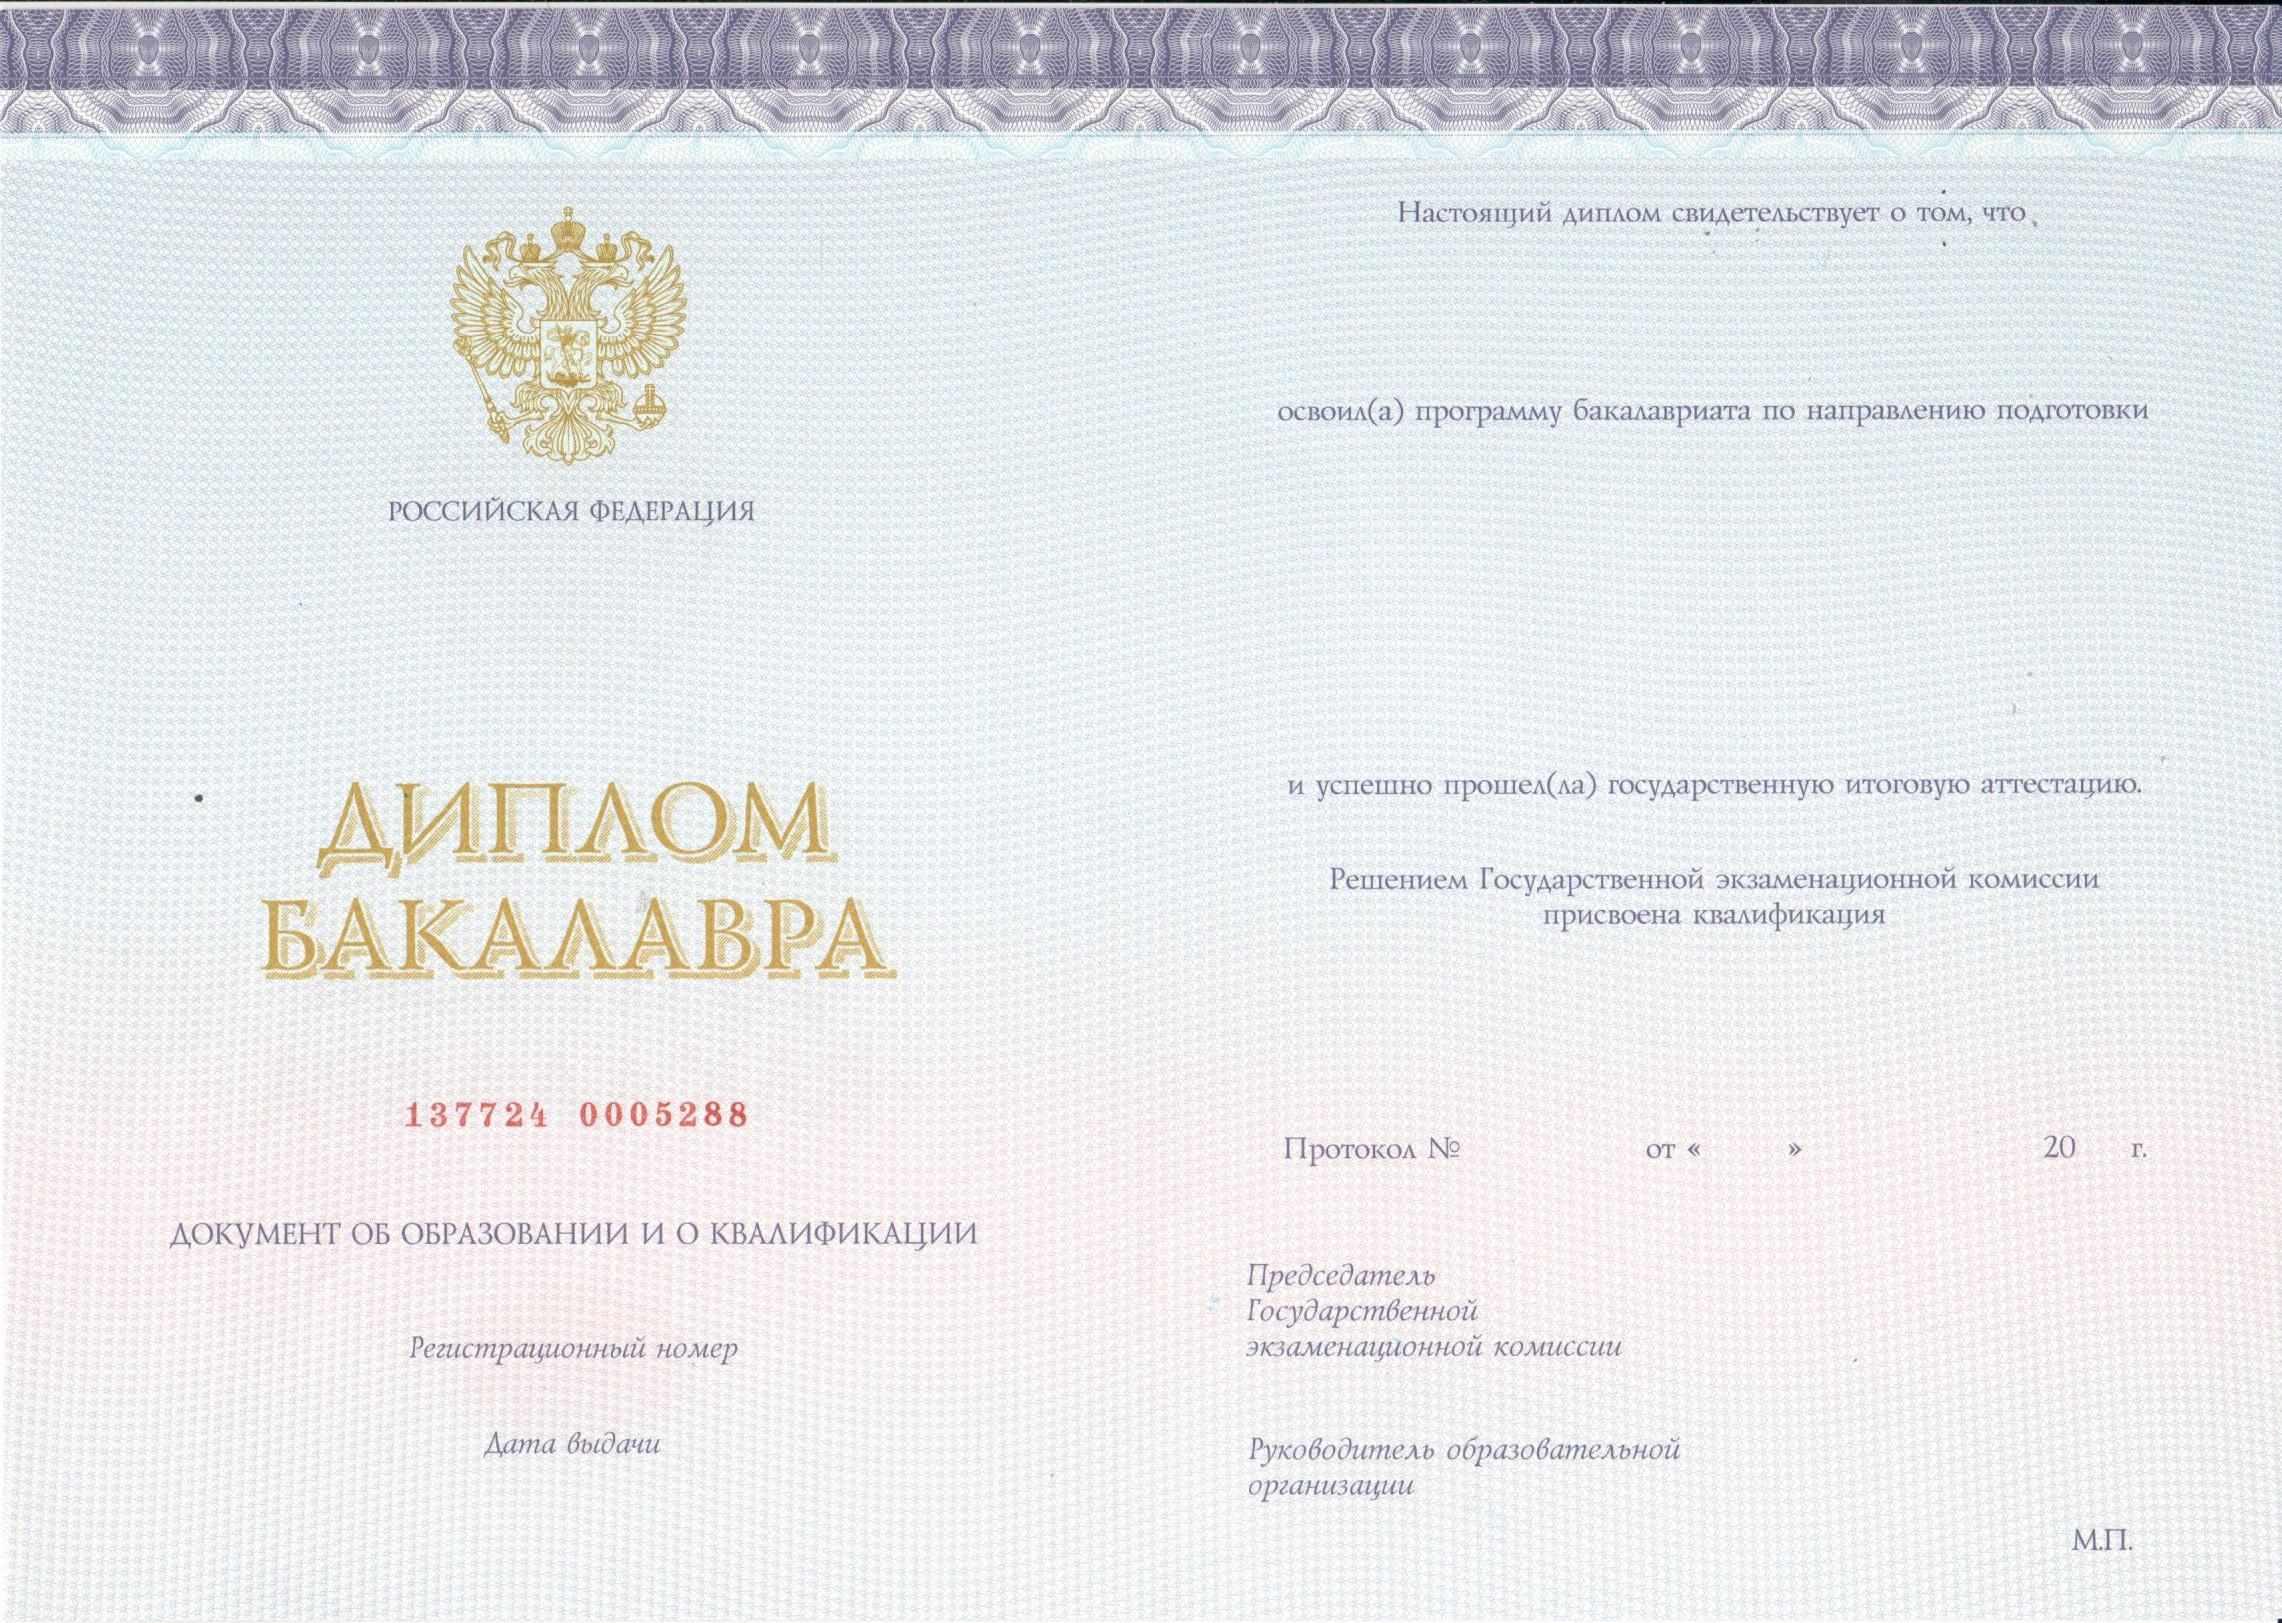 бакалавр диплом